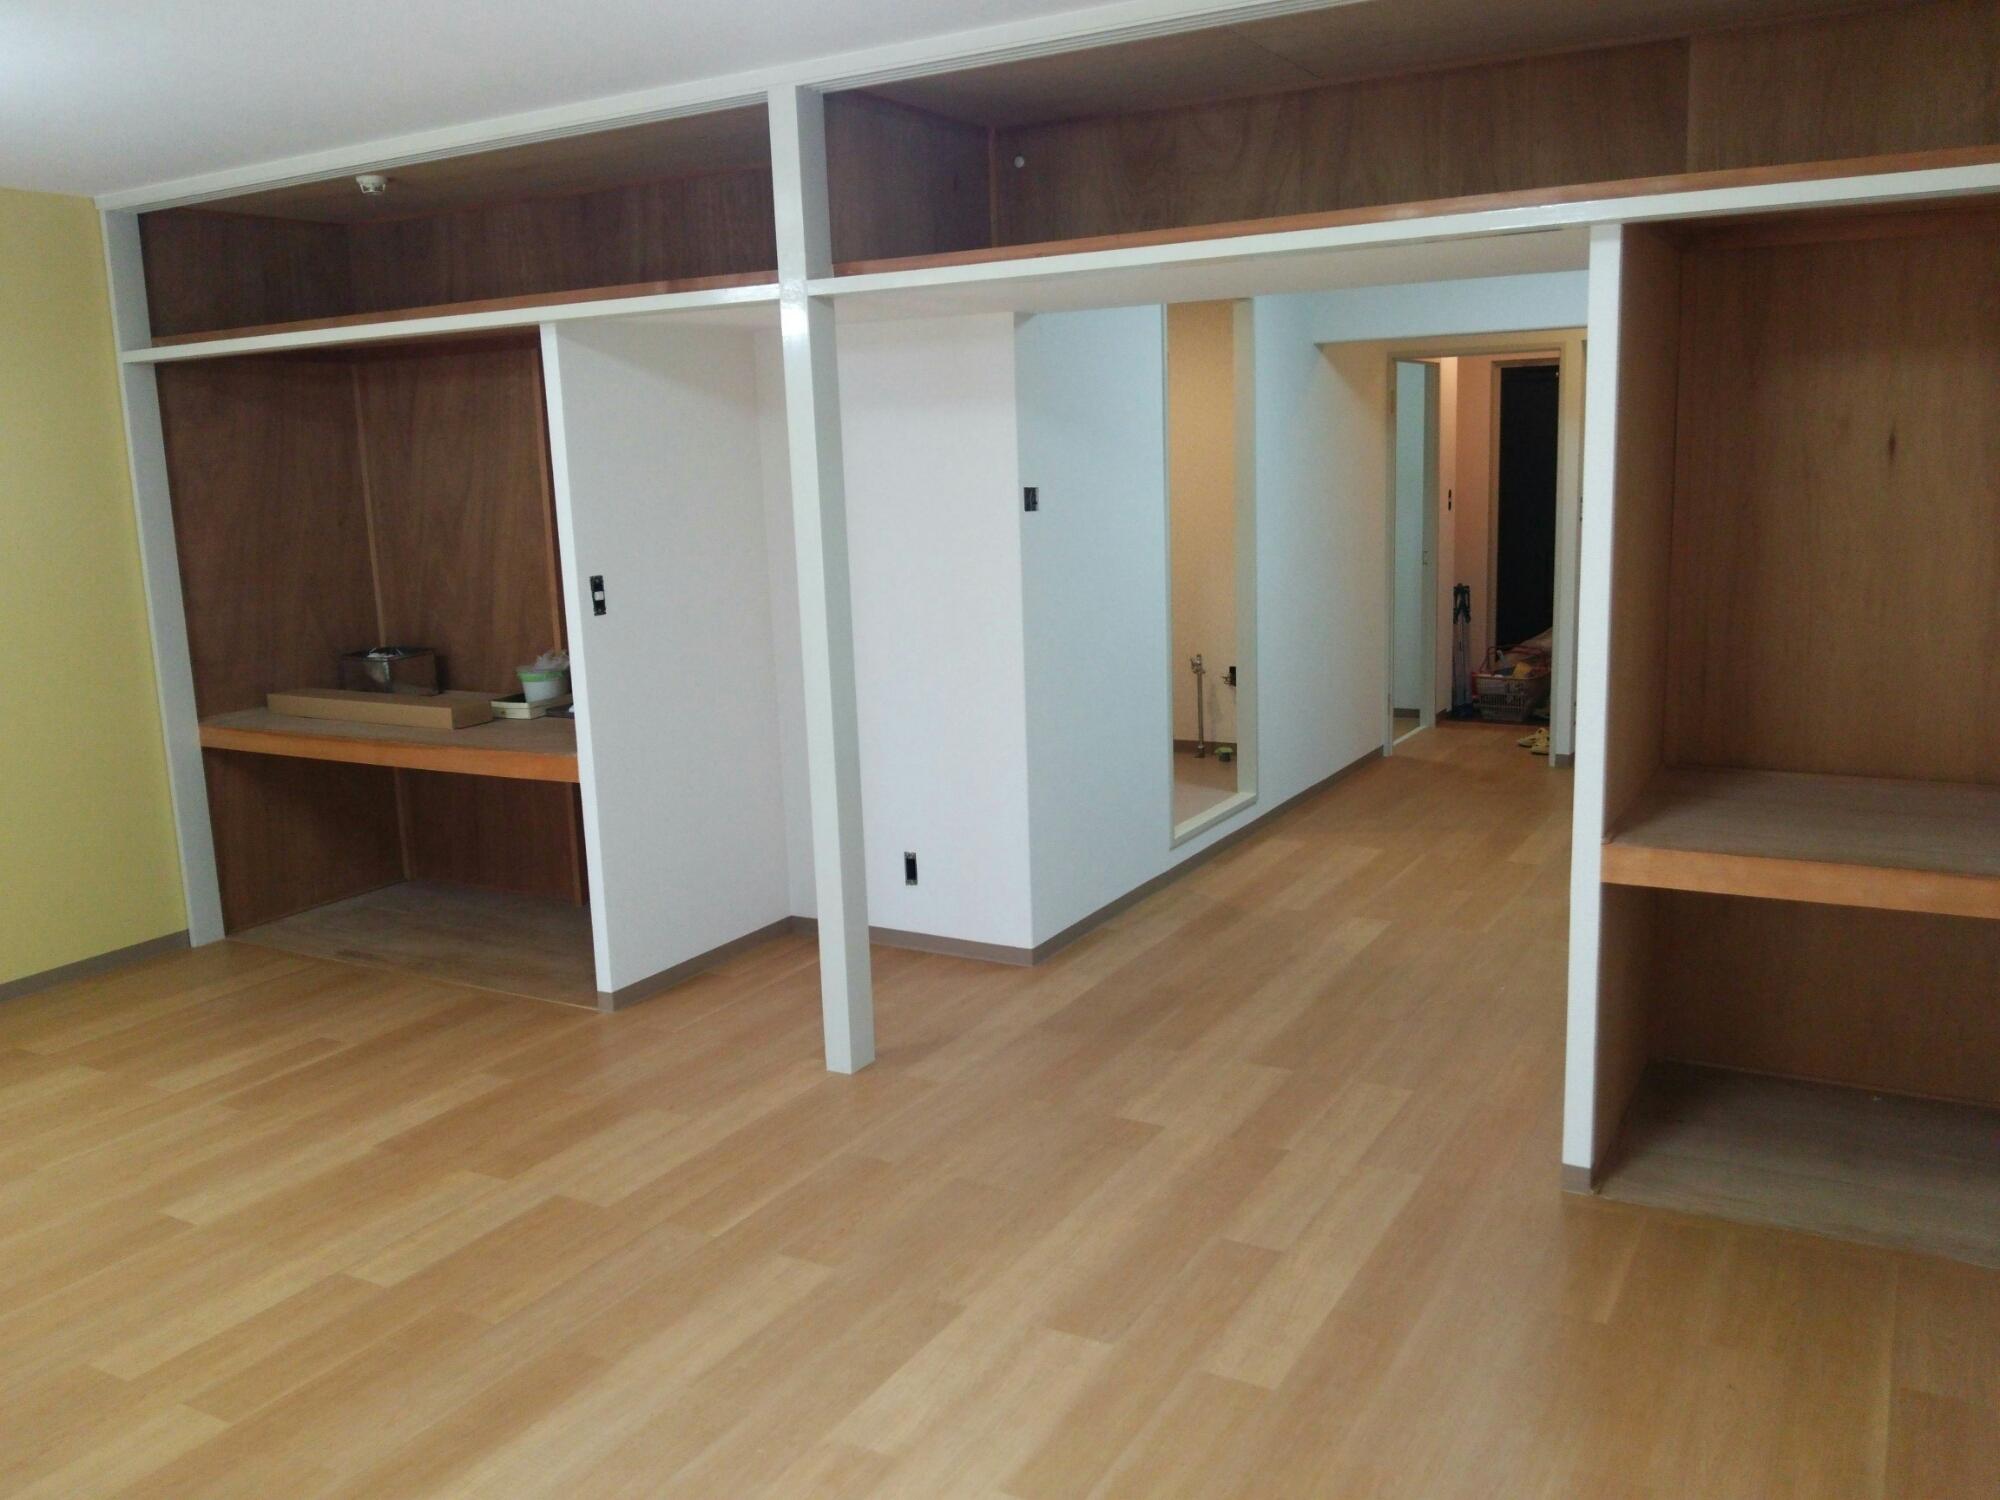 賃貸マンション壁紙床貼替え工事 生駒市のクロス張り替え 内装工事